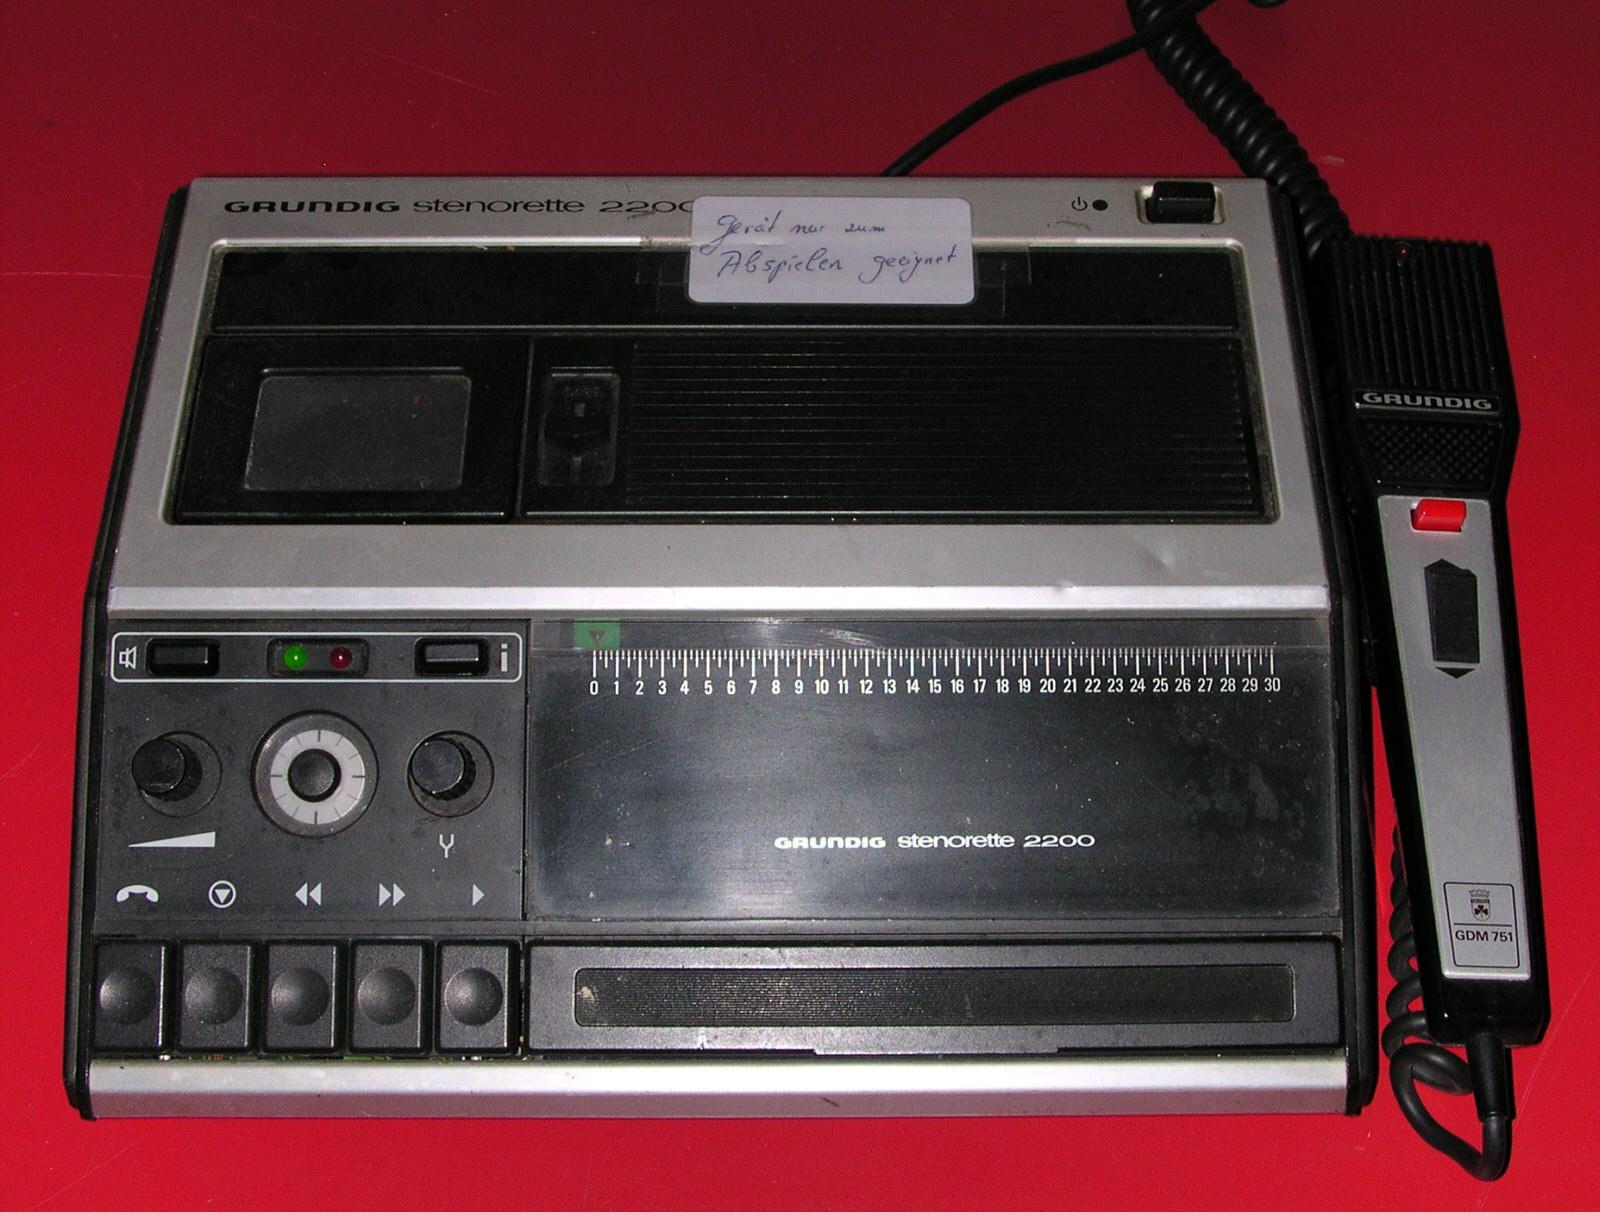 http://upload.wikimedia.org/wikipedia/commons/3/30/Grundig_Stenorette_2200_v.jpg